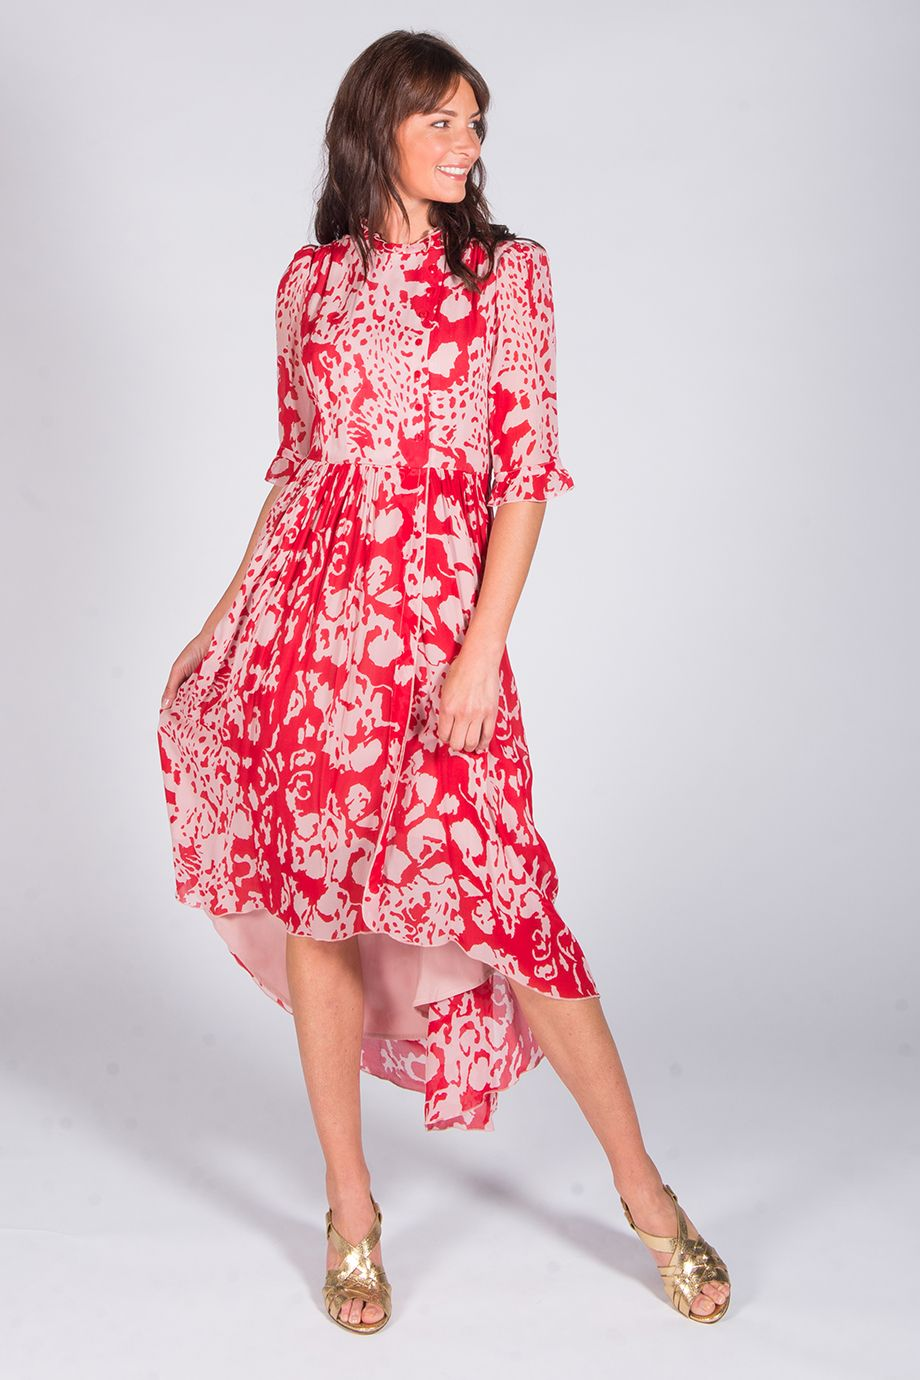 Robe Asymetrique Imprimee Rouge Et Rose Baleares Ba Sh Robe Asymetrique Robes Sans Manche Robe Manche Longue